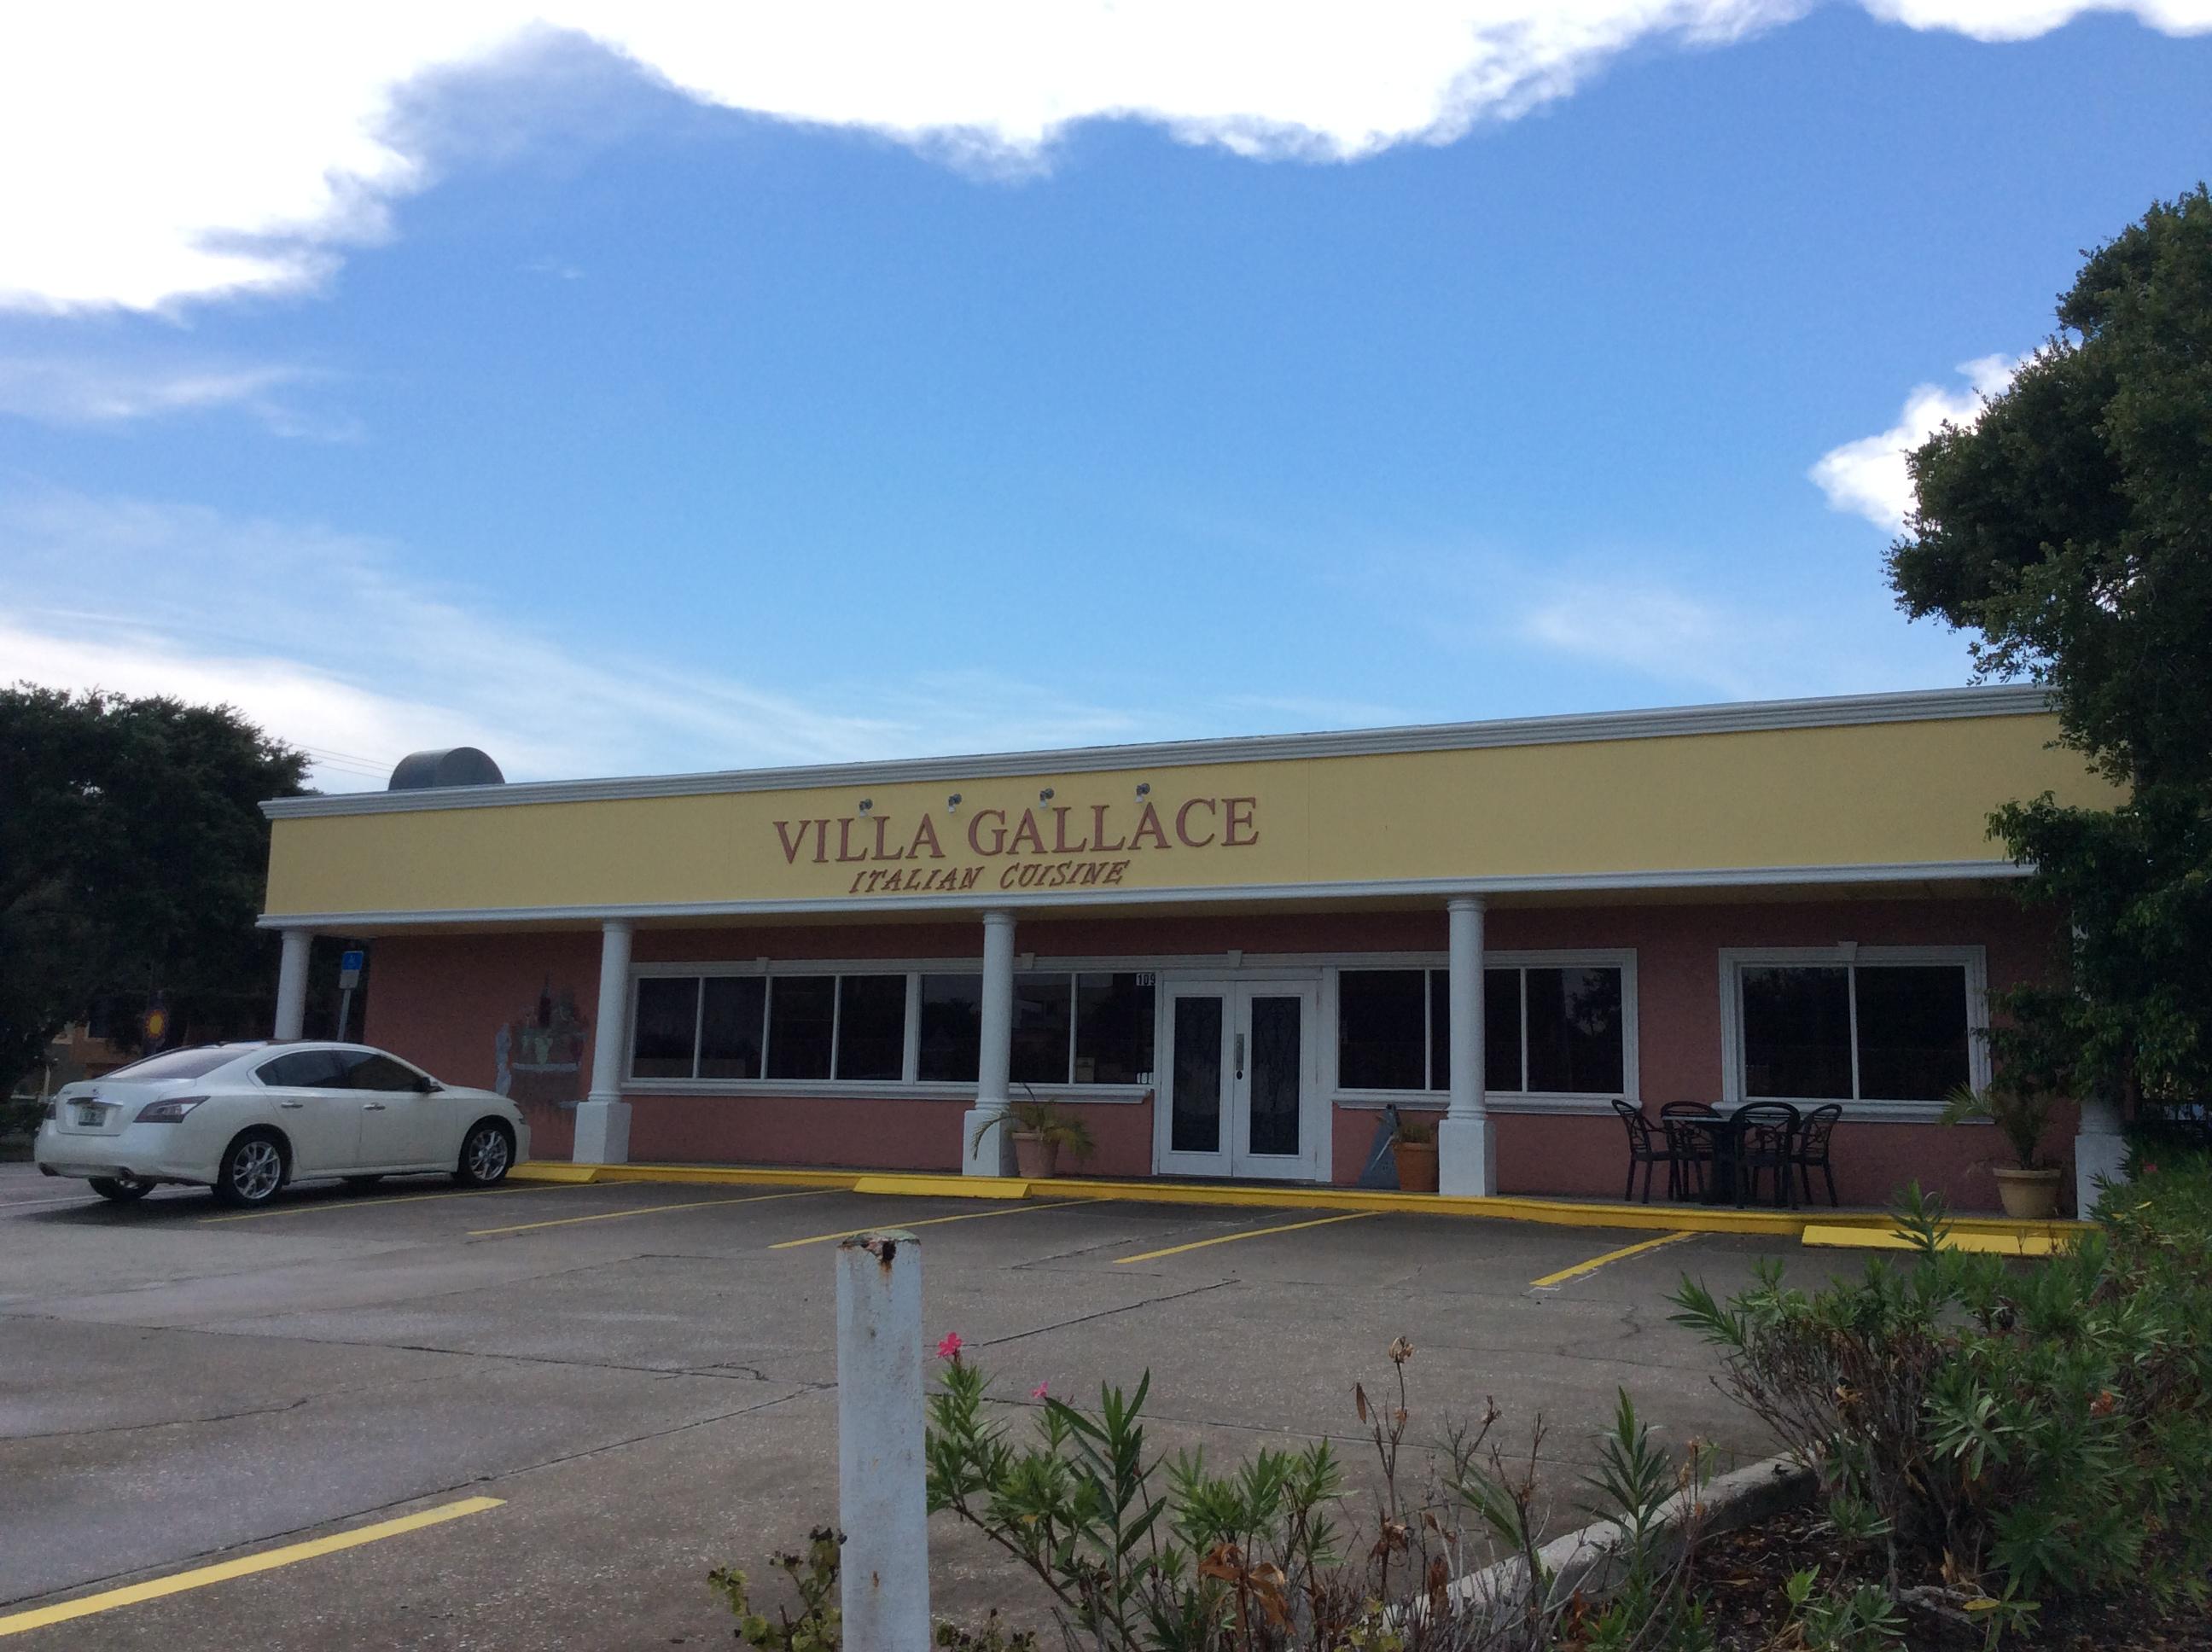 VillaGallca.JPG